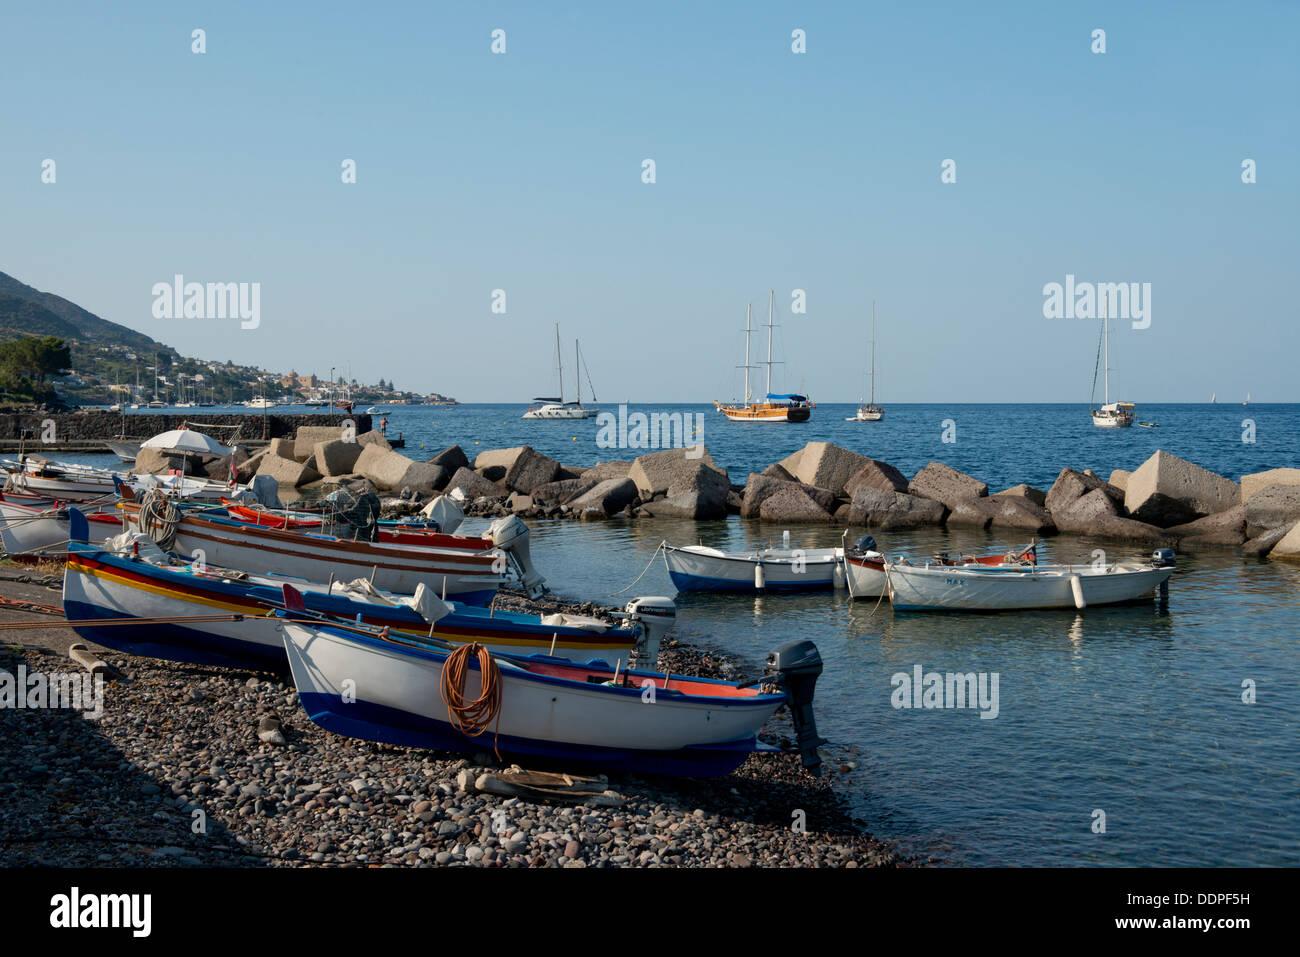 Fishing boats and sail boats near Lingua, Salina, The Aeolian Islands, Messina, Sicily, Italy - Stock Image